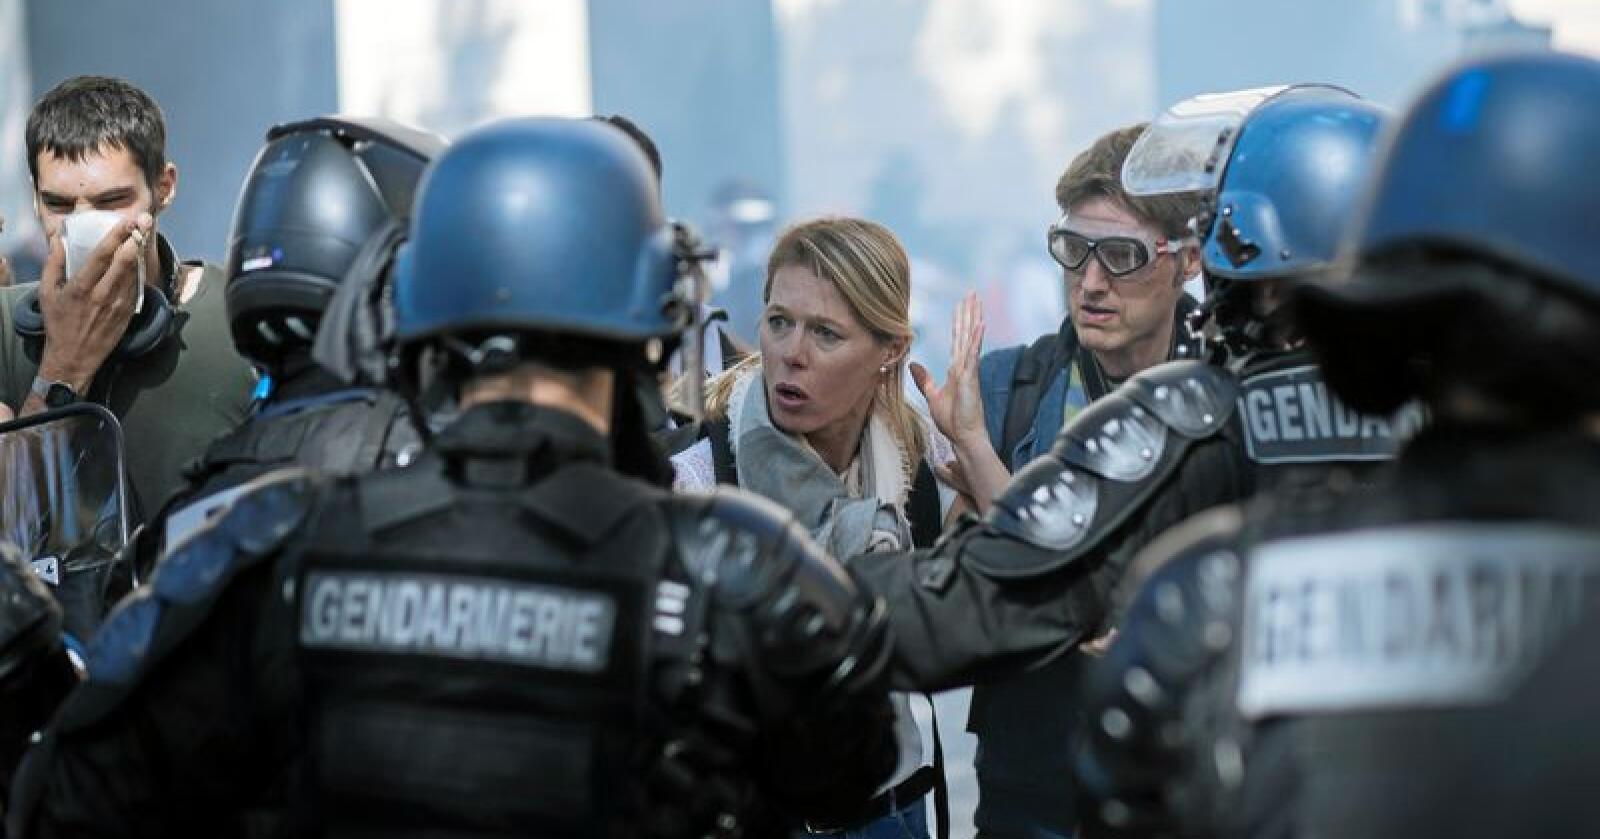 Over 100 ble pågrepet under demonstrasjoner i Paris lørdag. Foto: AP / NTB scanpix